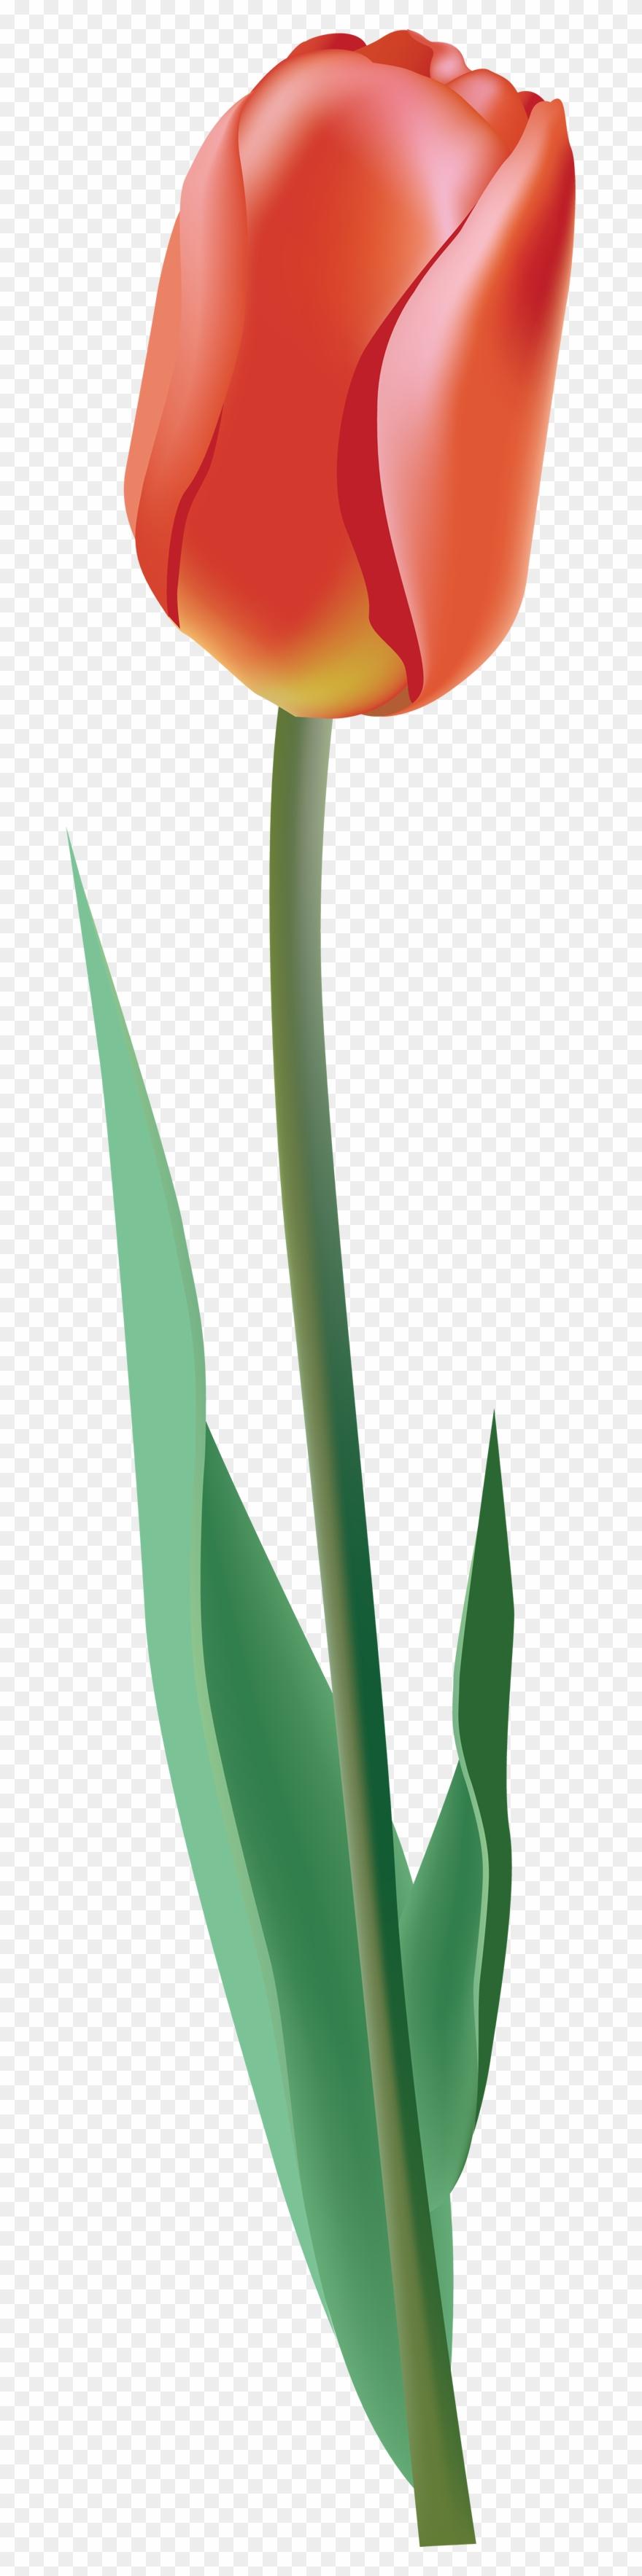 tulip # 4905766